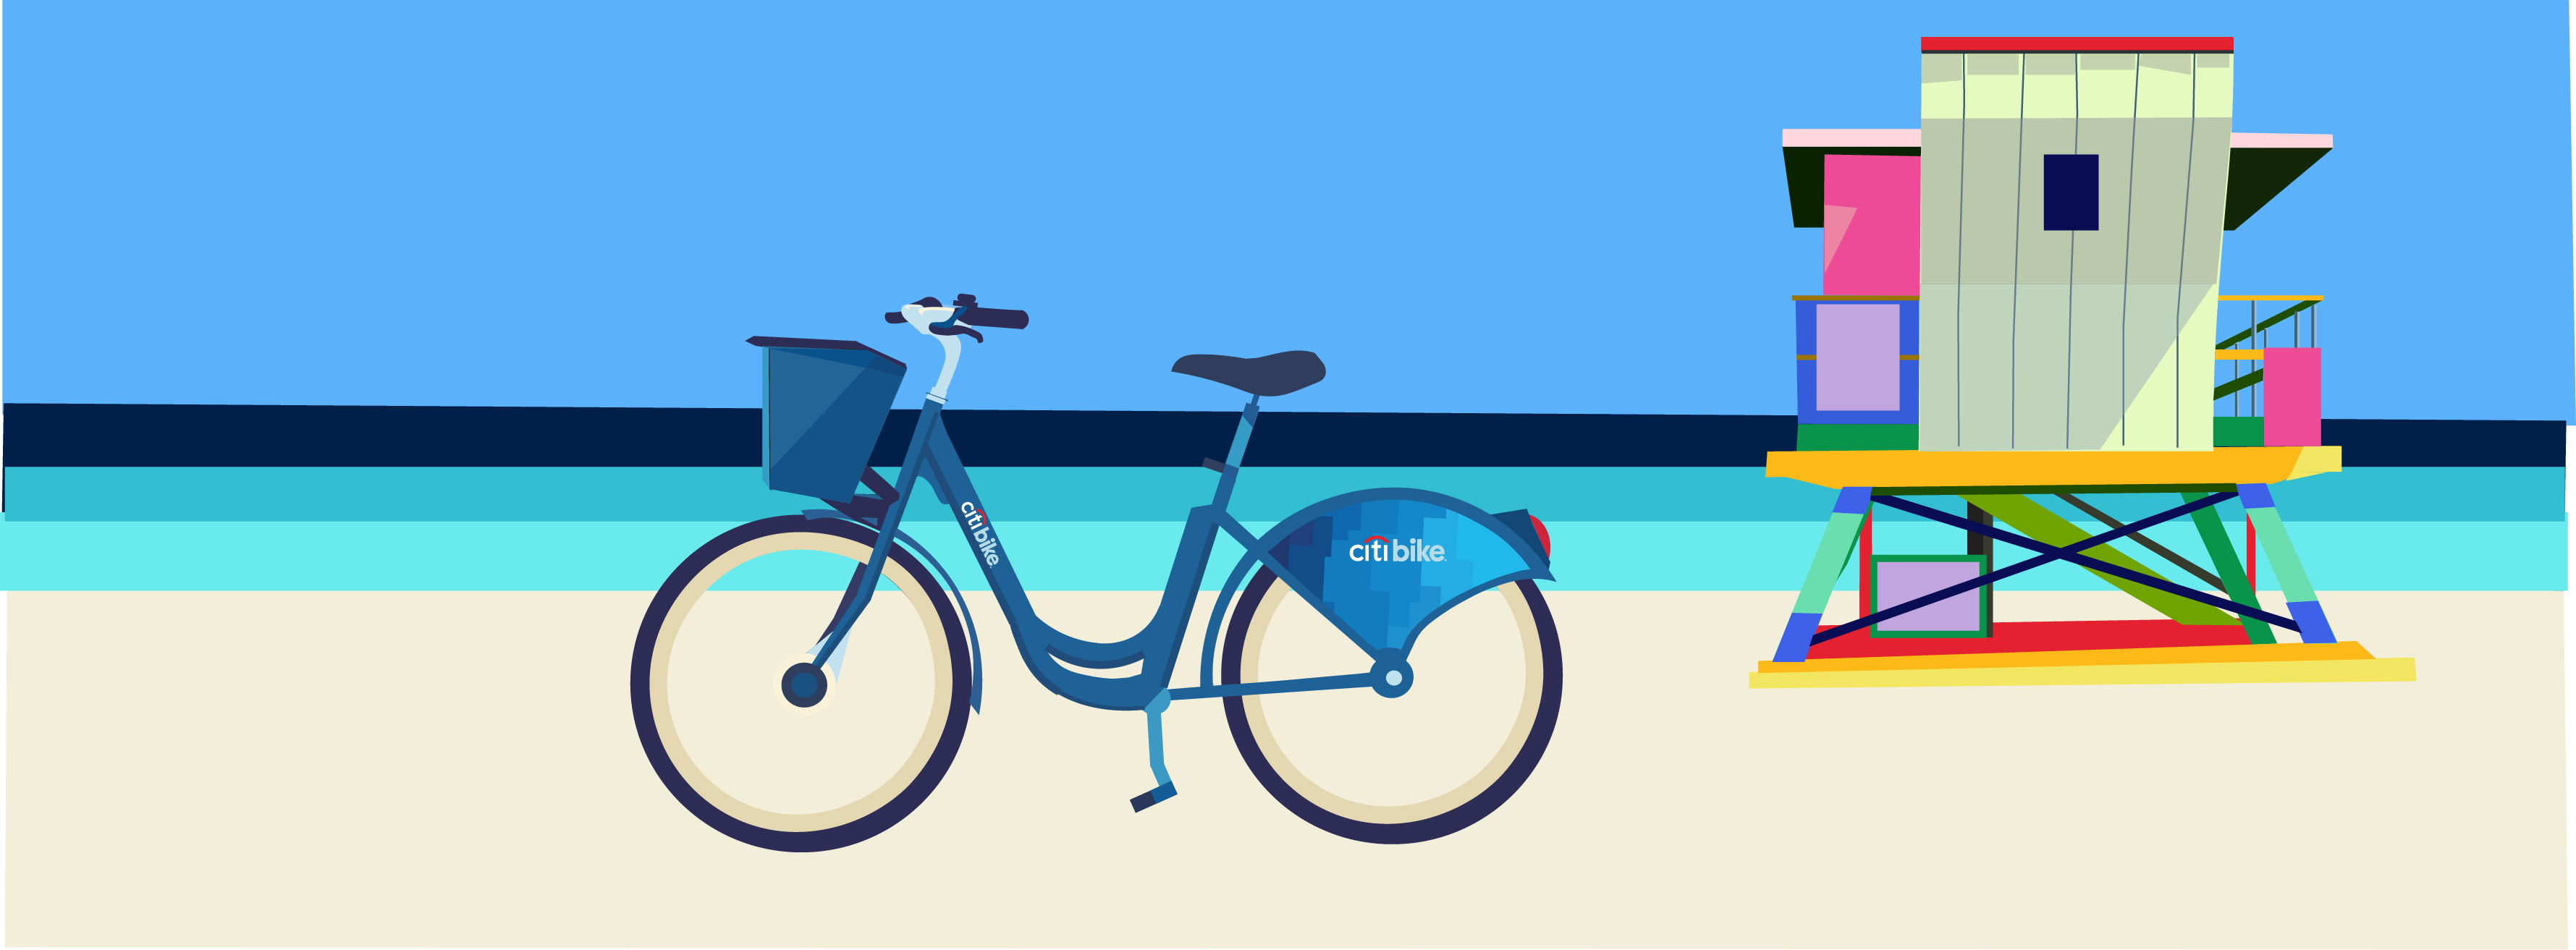 Citi Bike Miami SuperMarket Creative